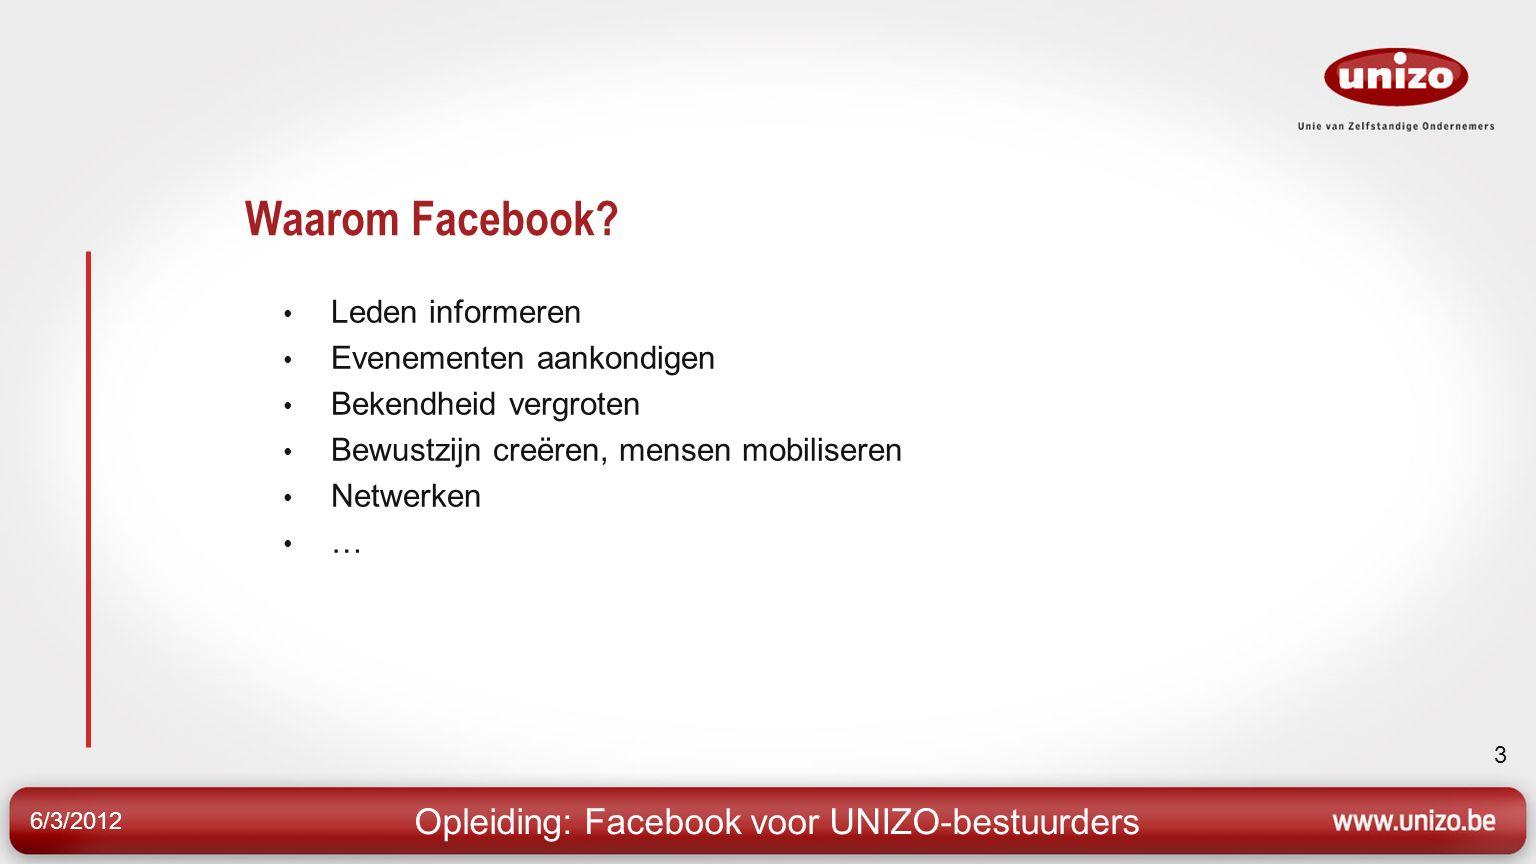 14 6/3/2012 Opleiding: Facebook voor UNIZO-bestuurders